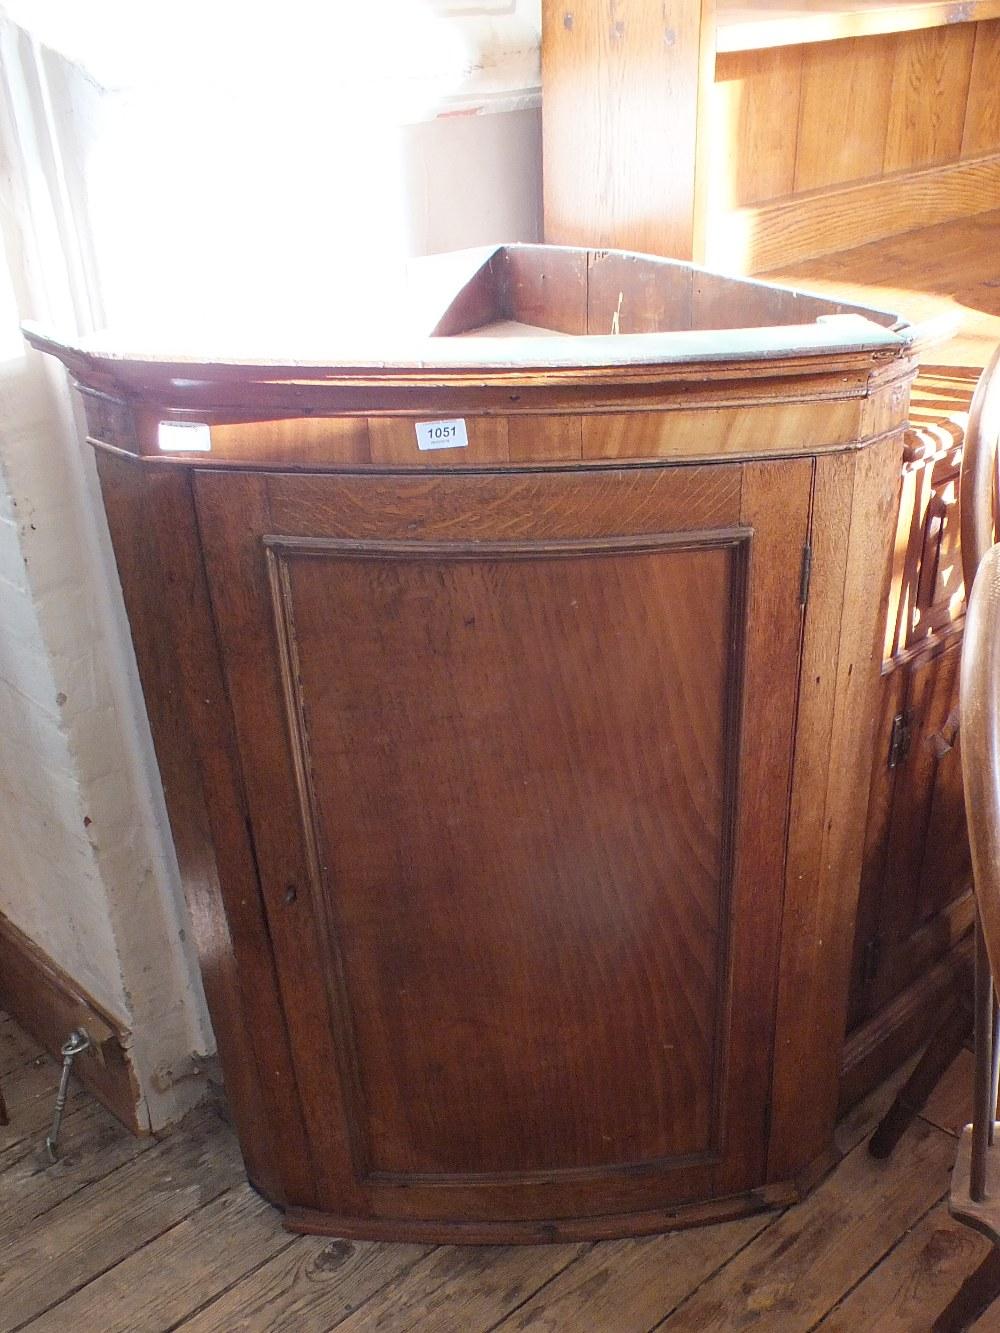 Lot 1051 - A 19th Century oak bow front corner cupboard